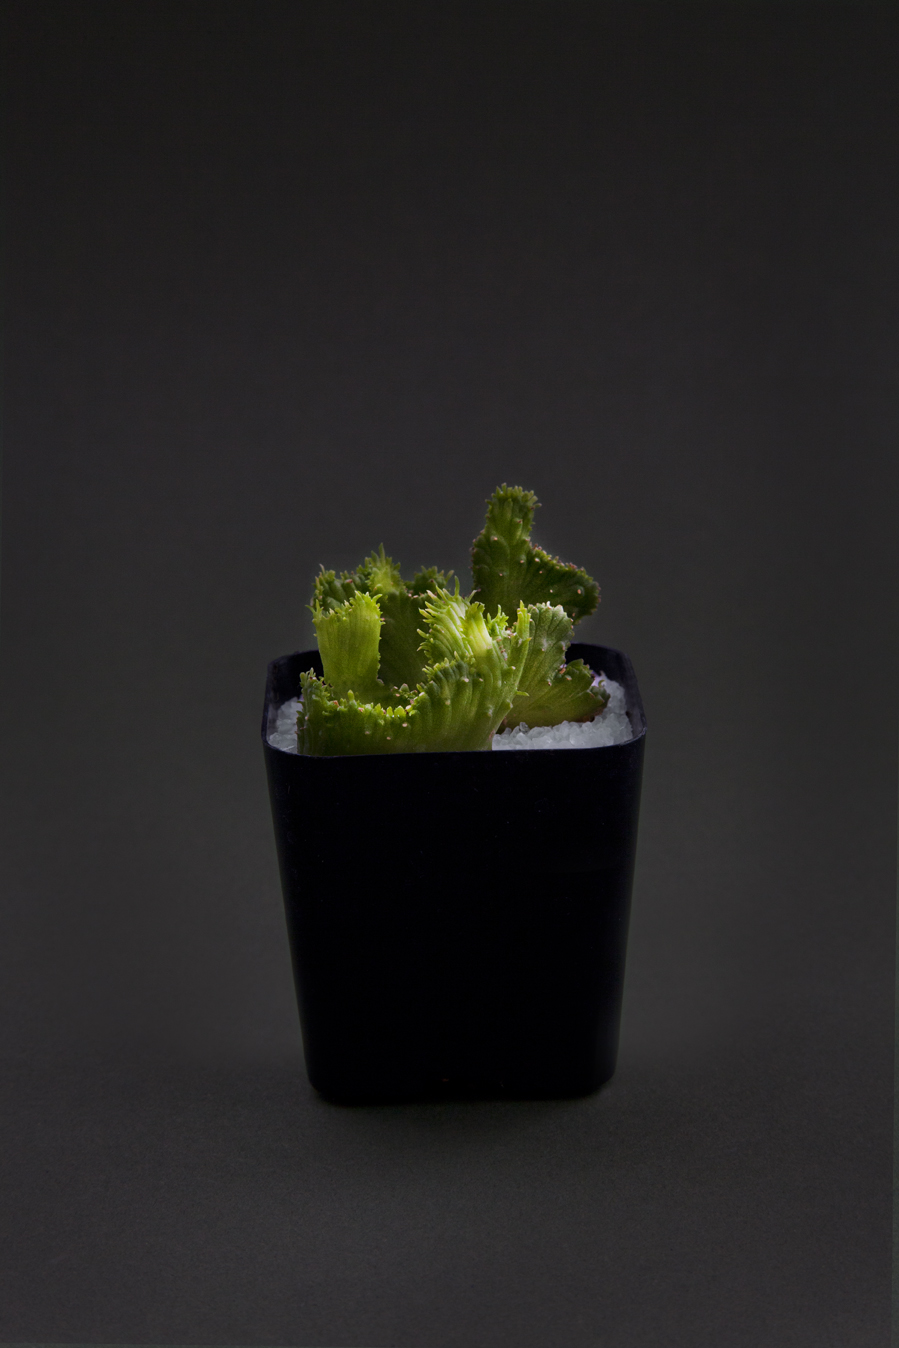 Becca_Ewing_succulent on black.jpg